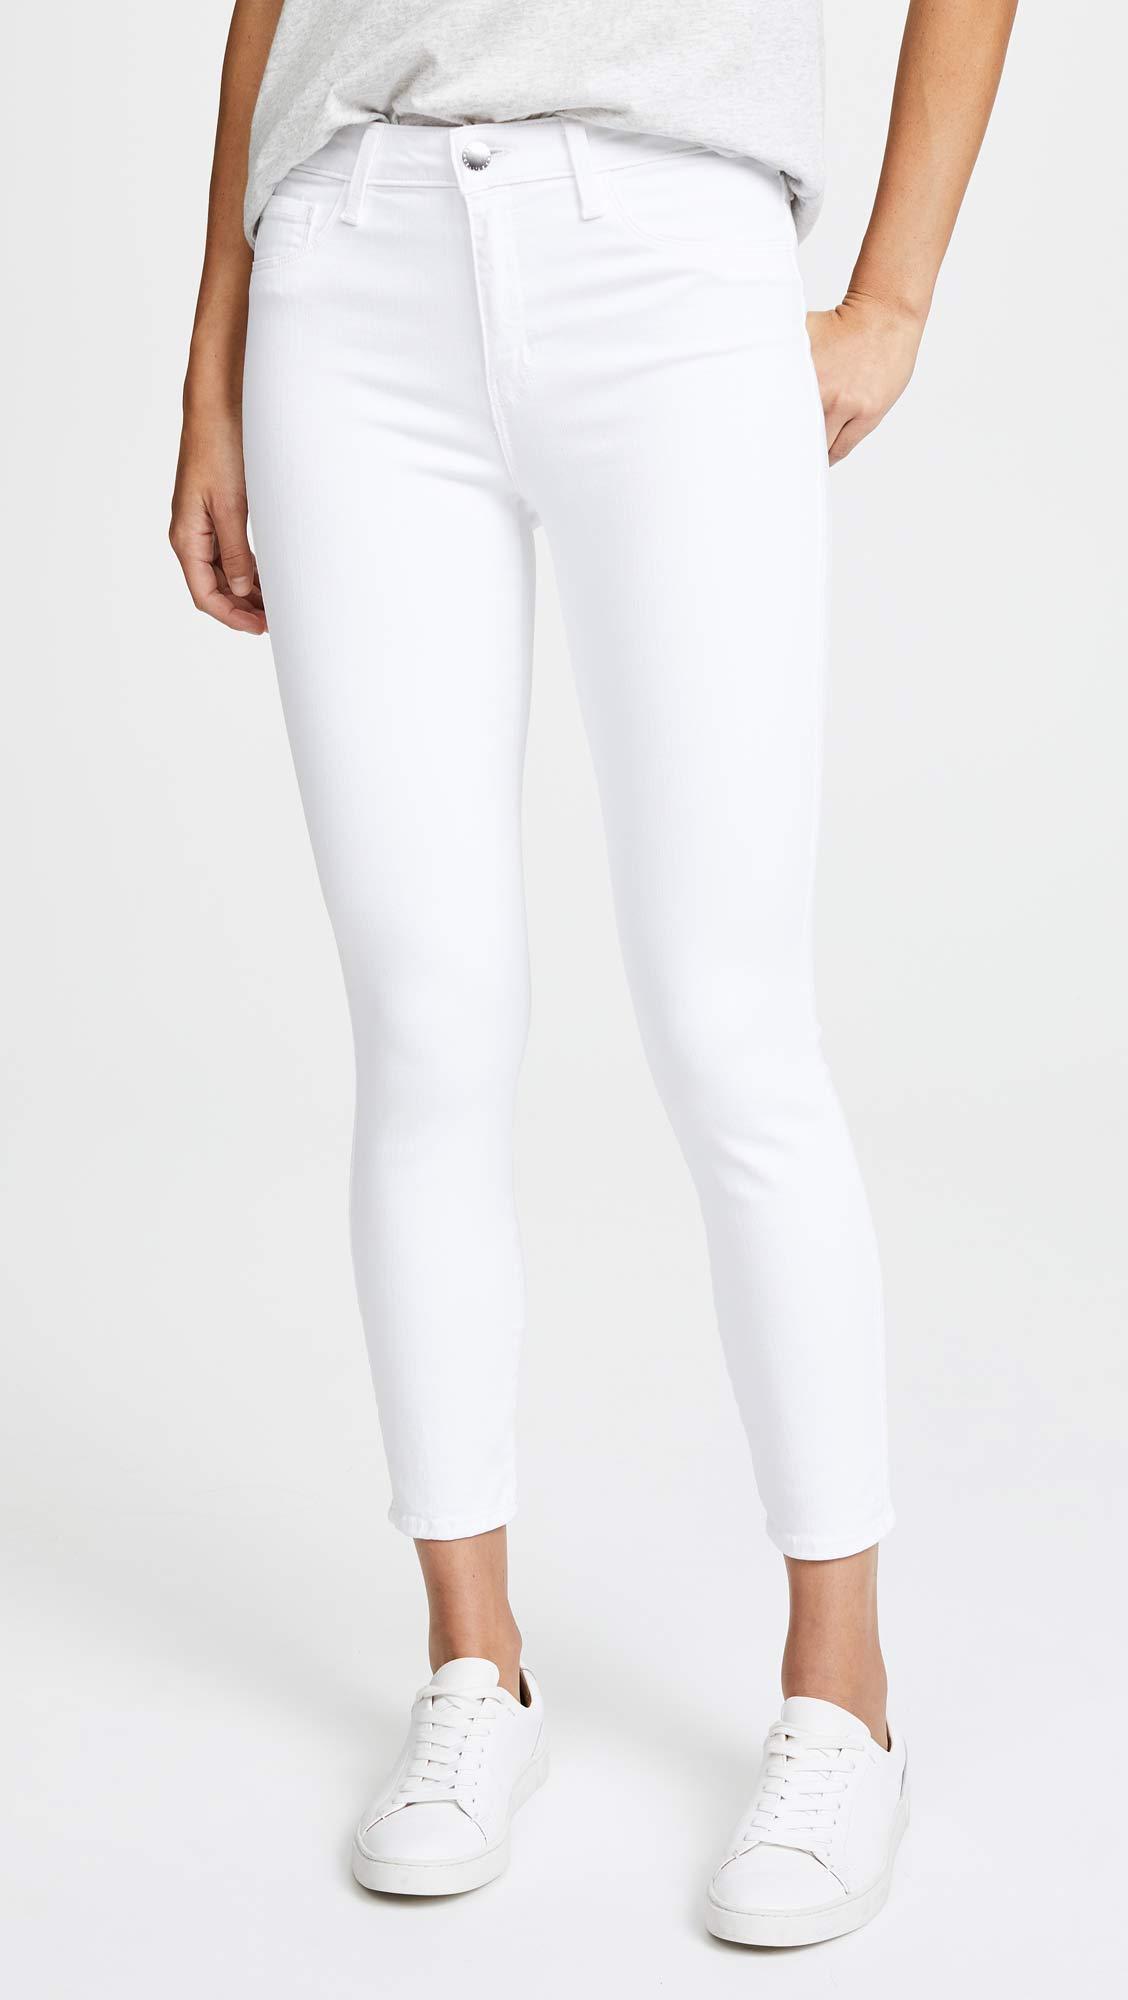 Bebe Lattice Skinny Jeans in White - Lyst